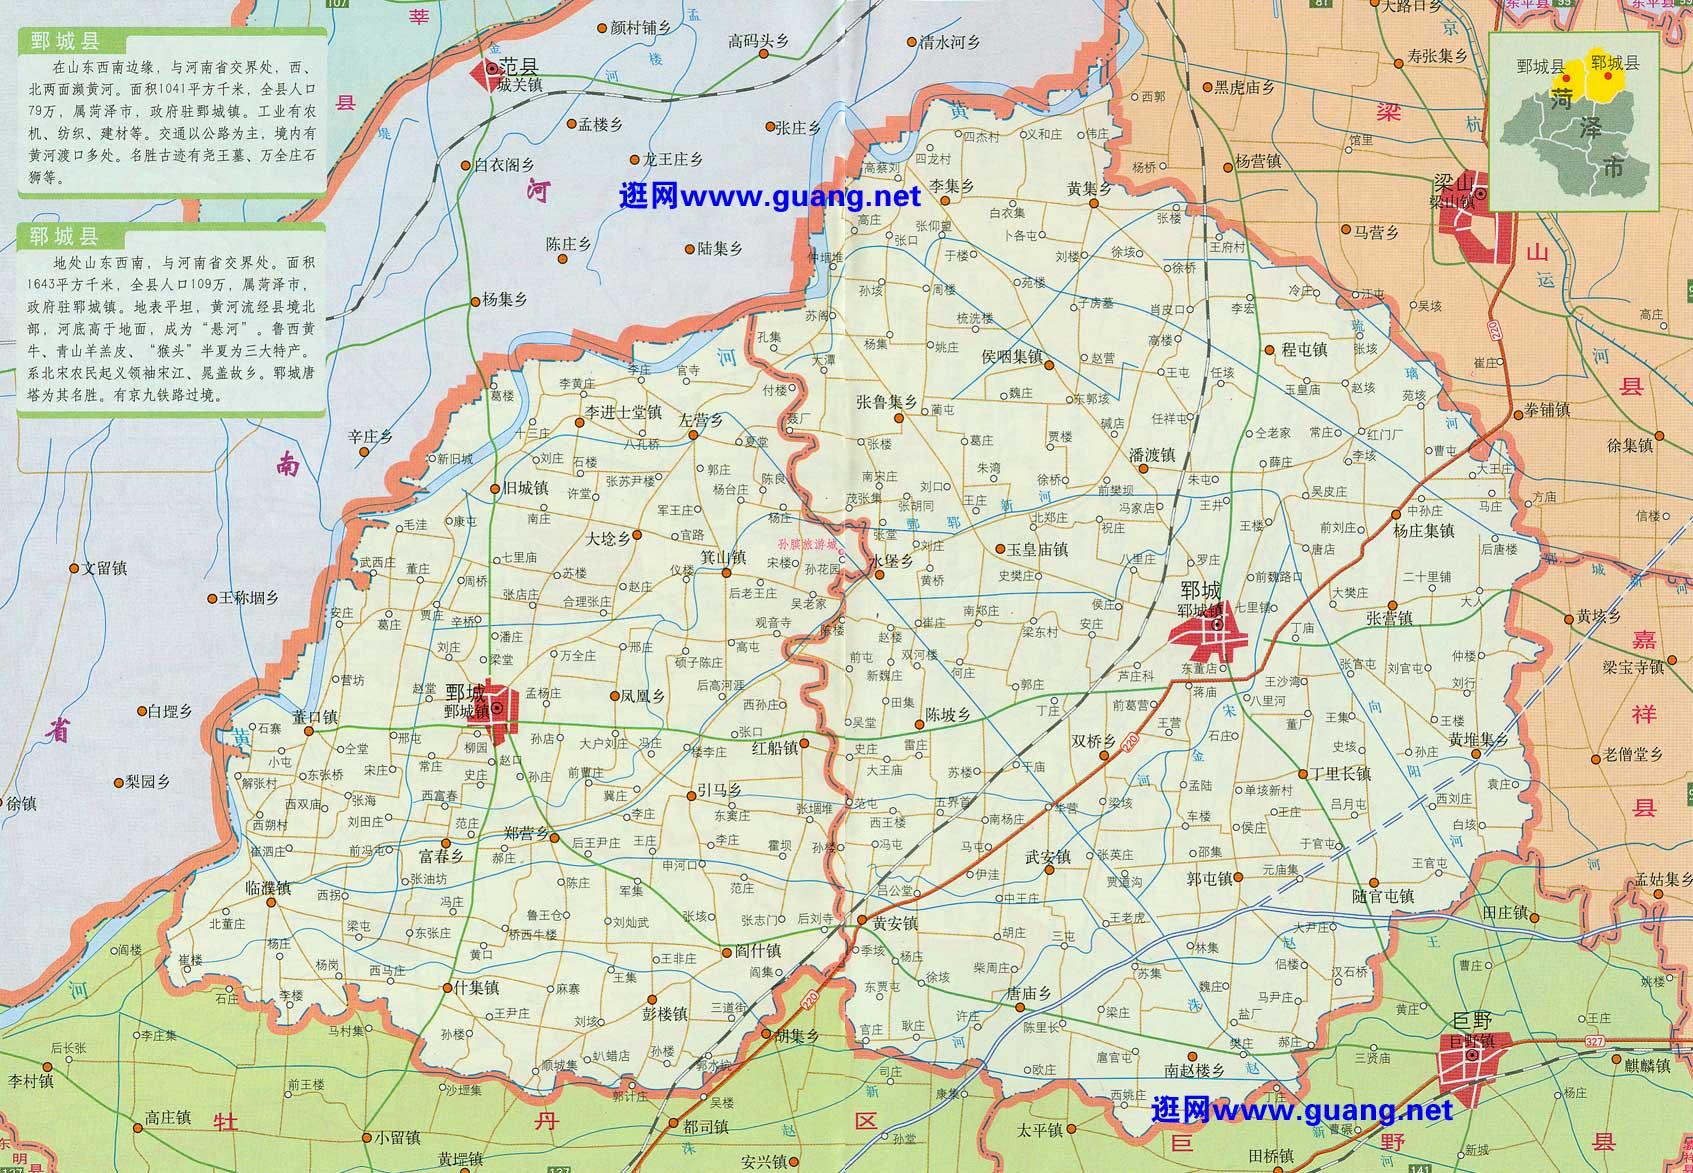 鄄城,郓城等这七个县被省里选上,即将上报国家图片